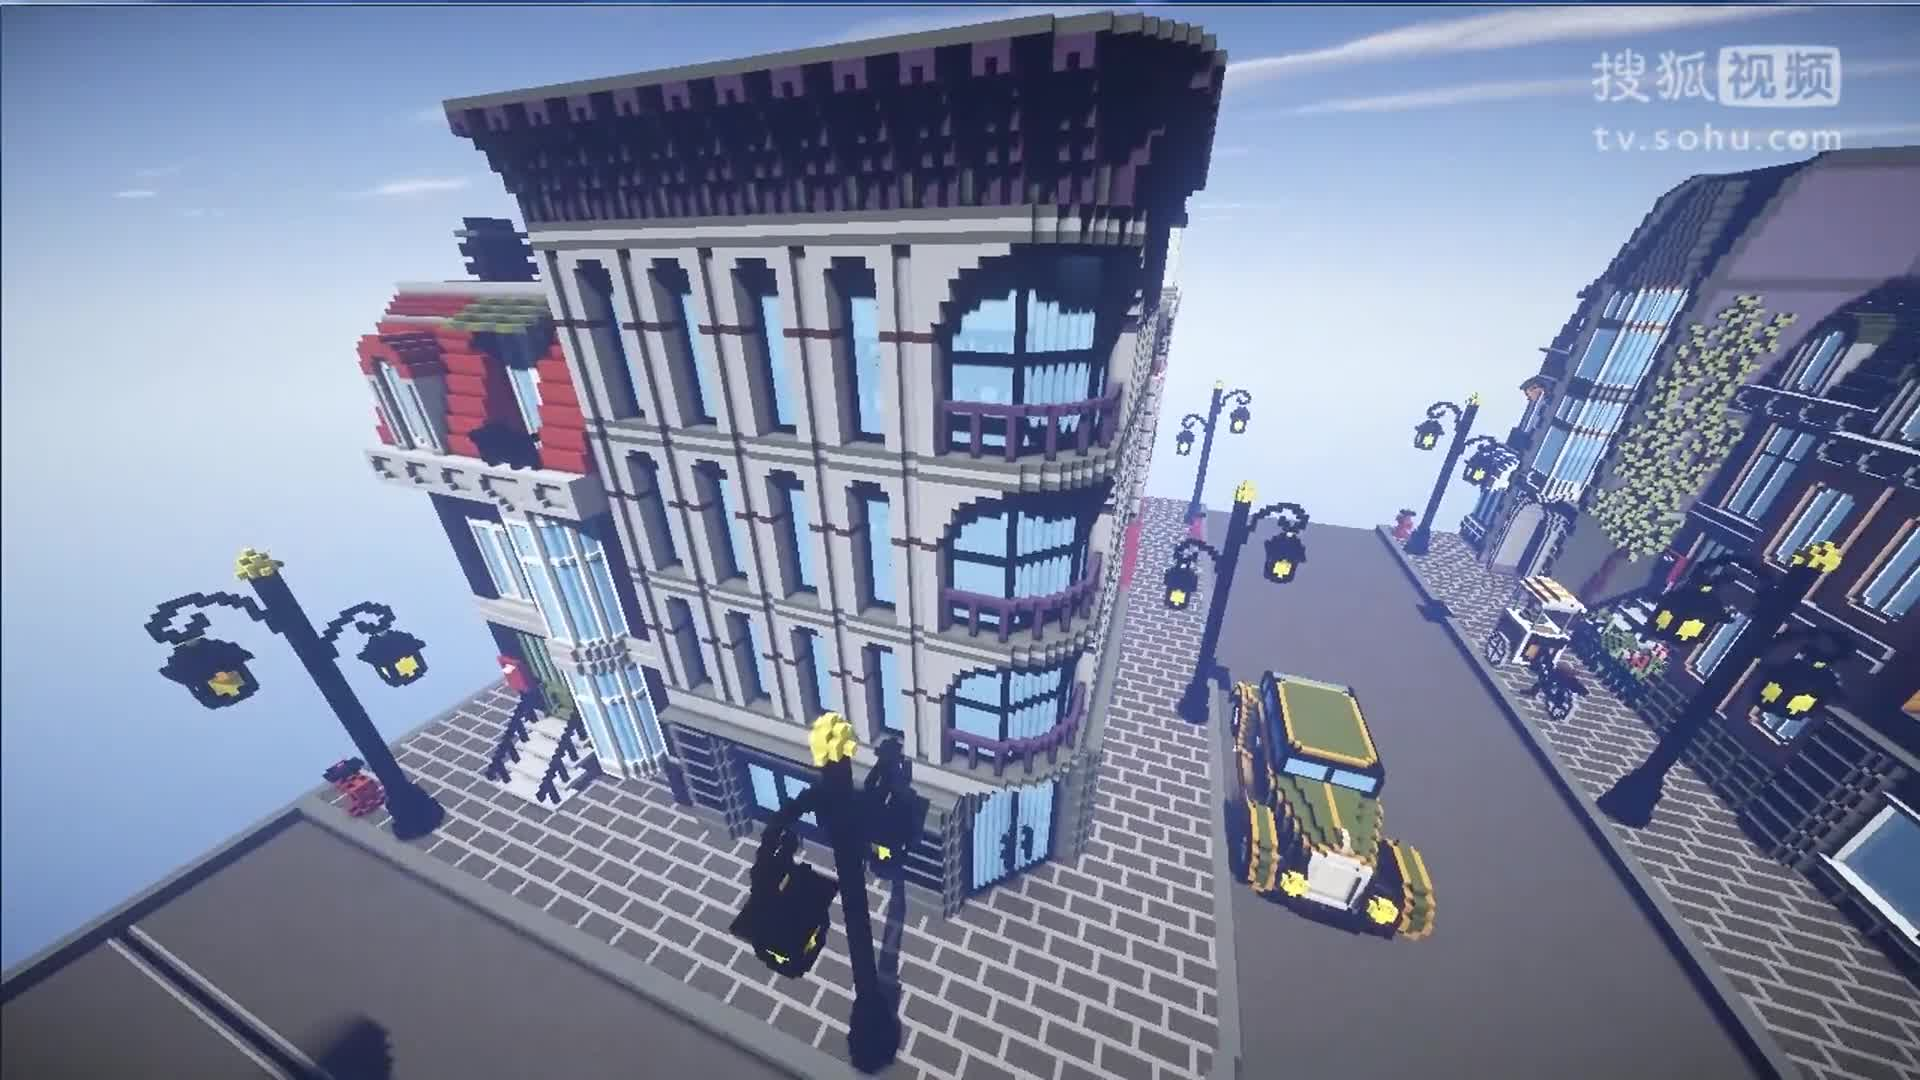 我的世界商店建筑_360视频